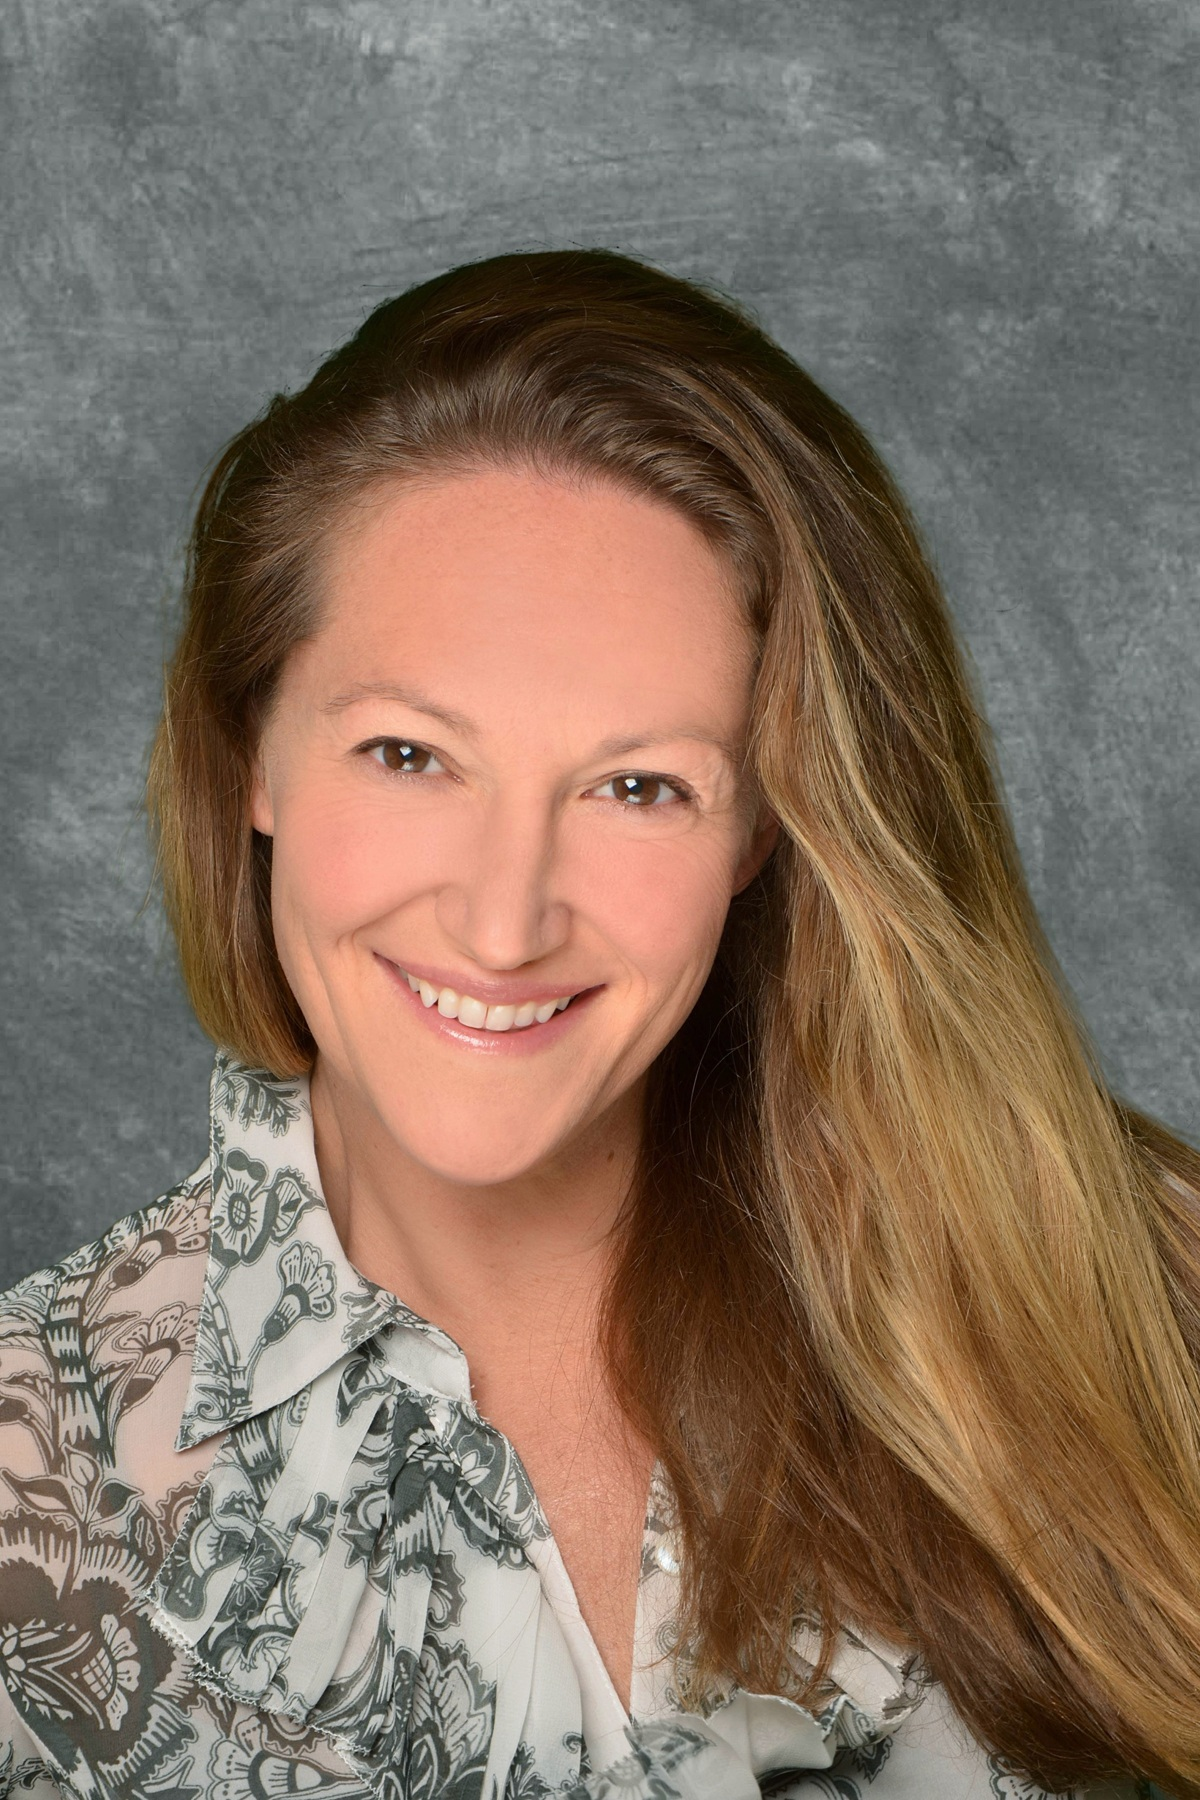 Stephanie Kirby